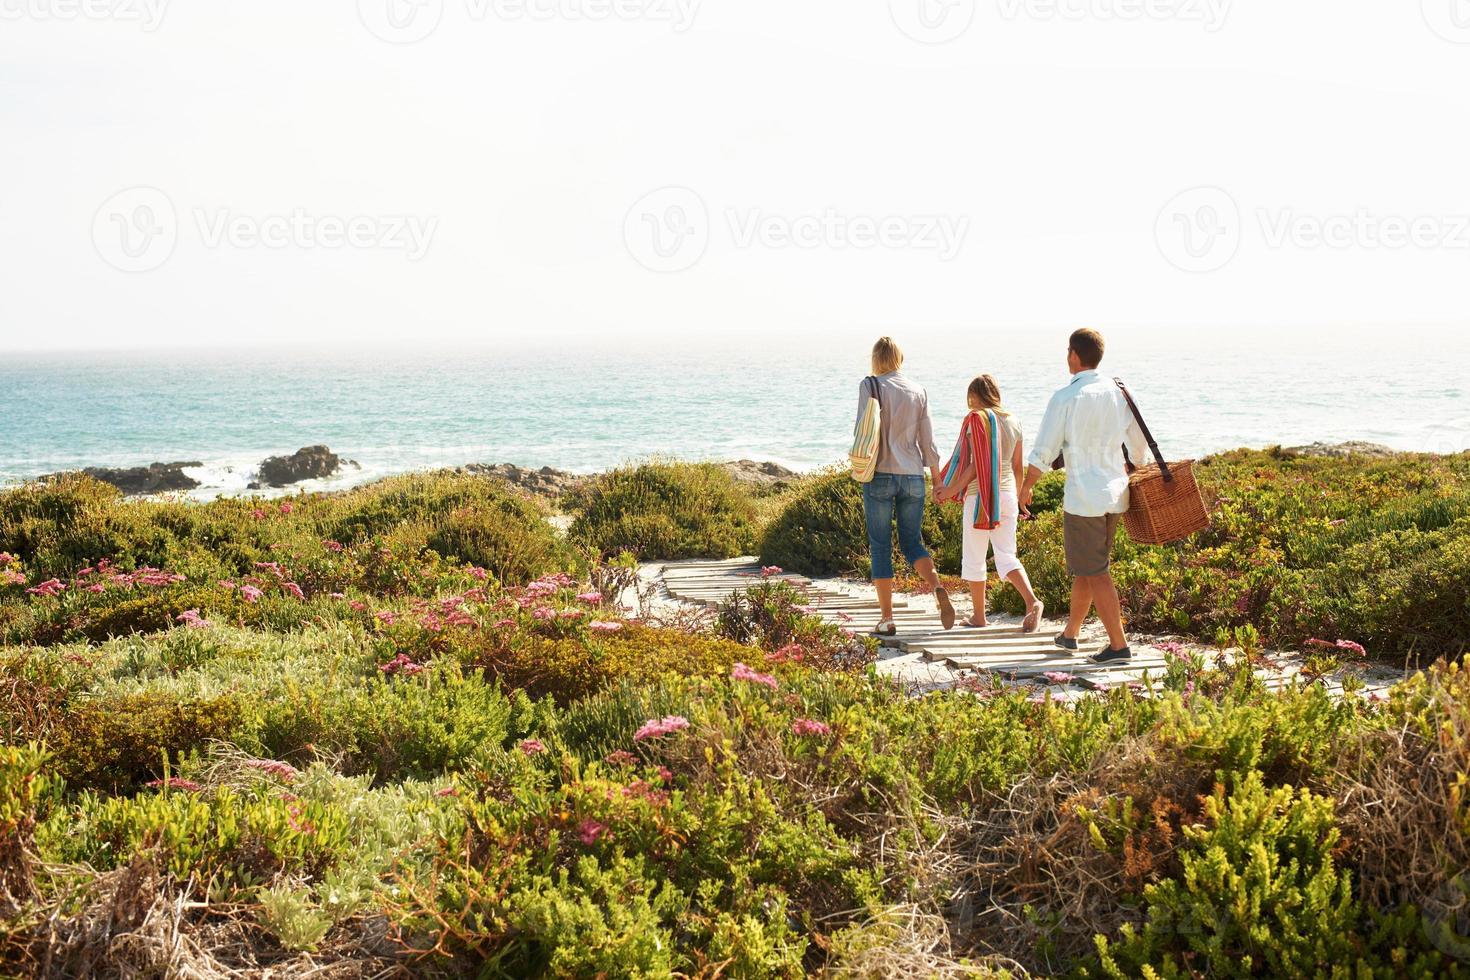 ta en promenad mot stranden foto